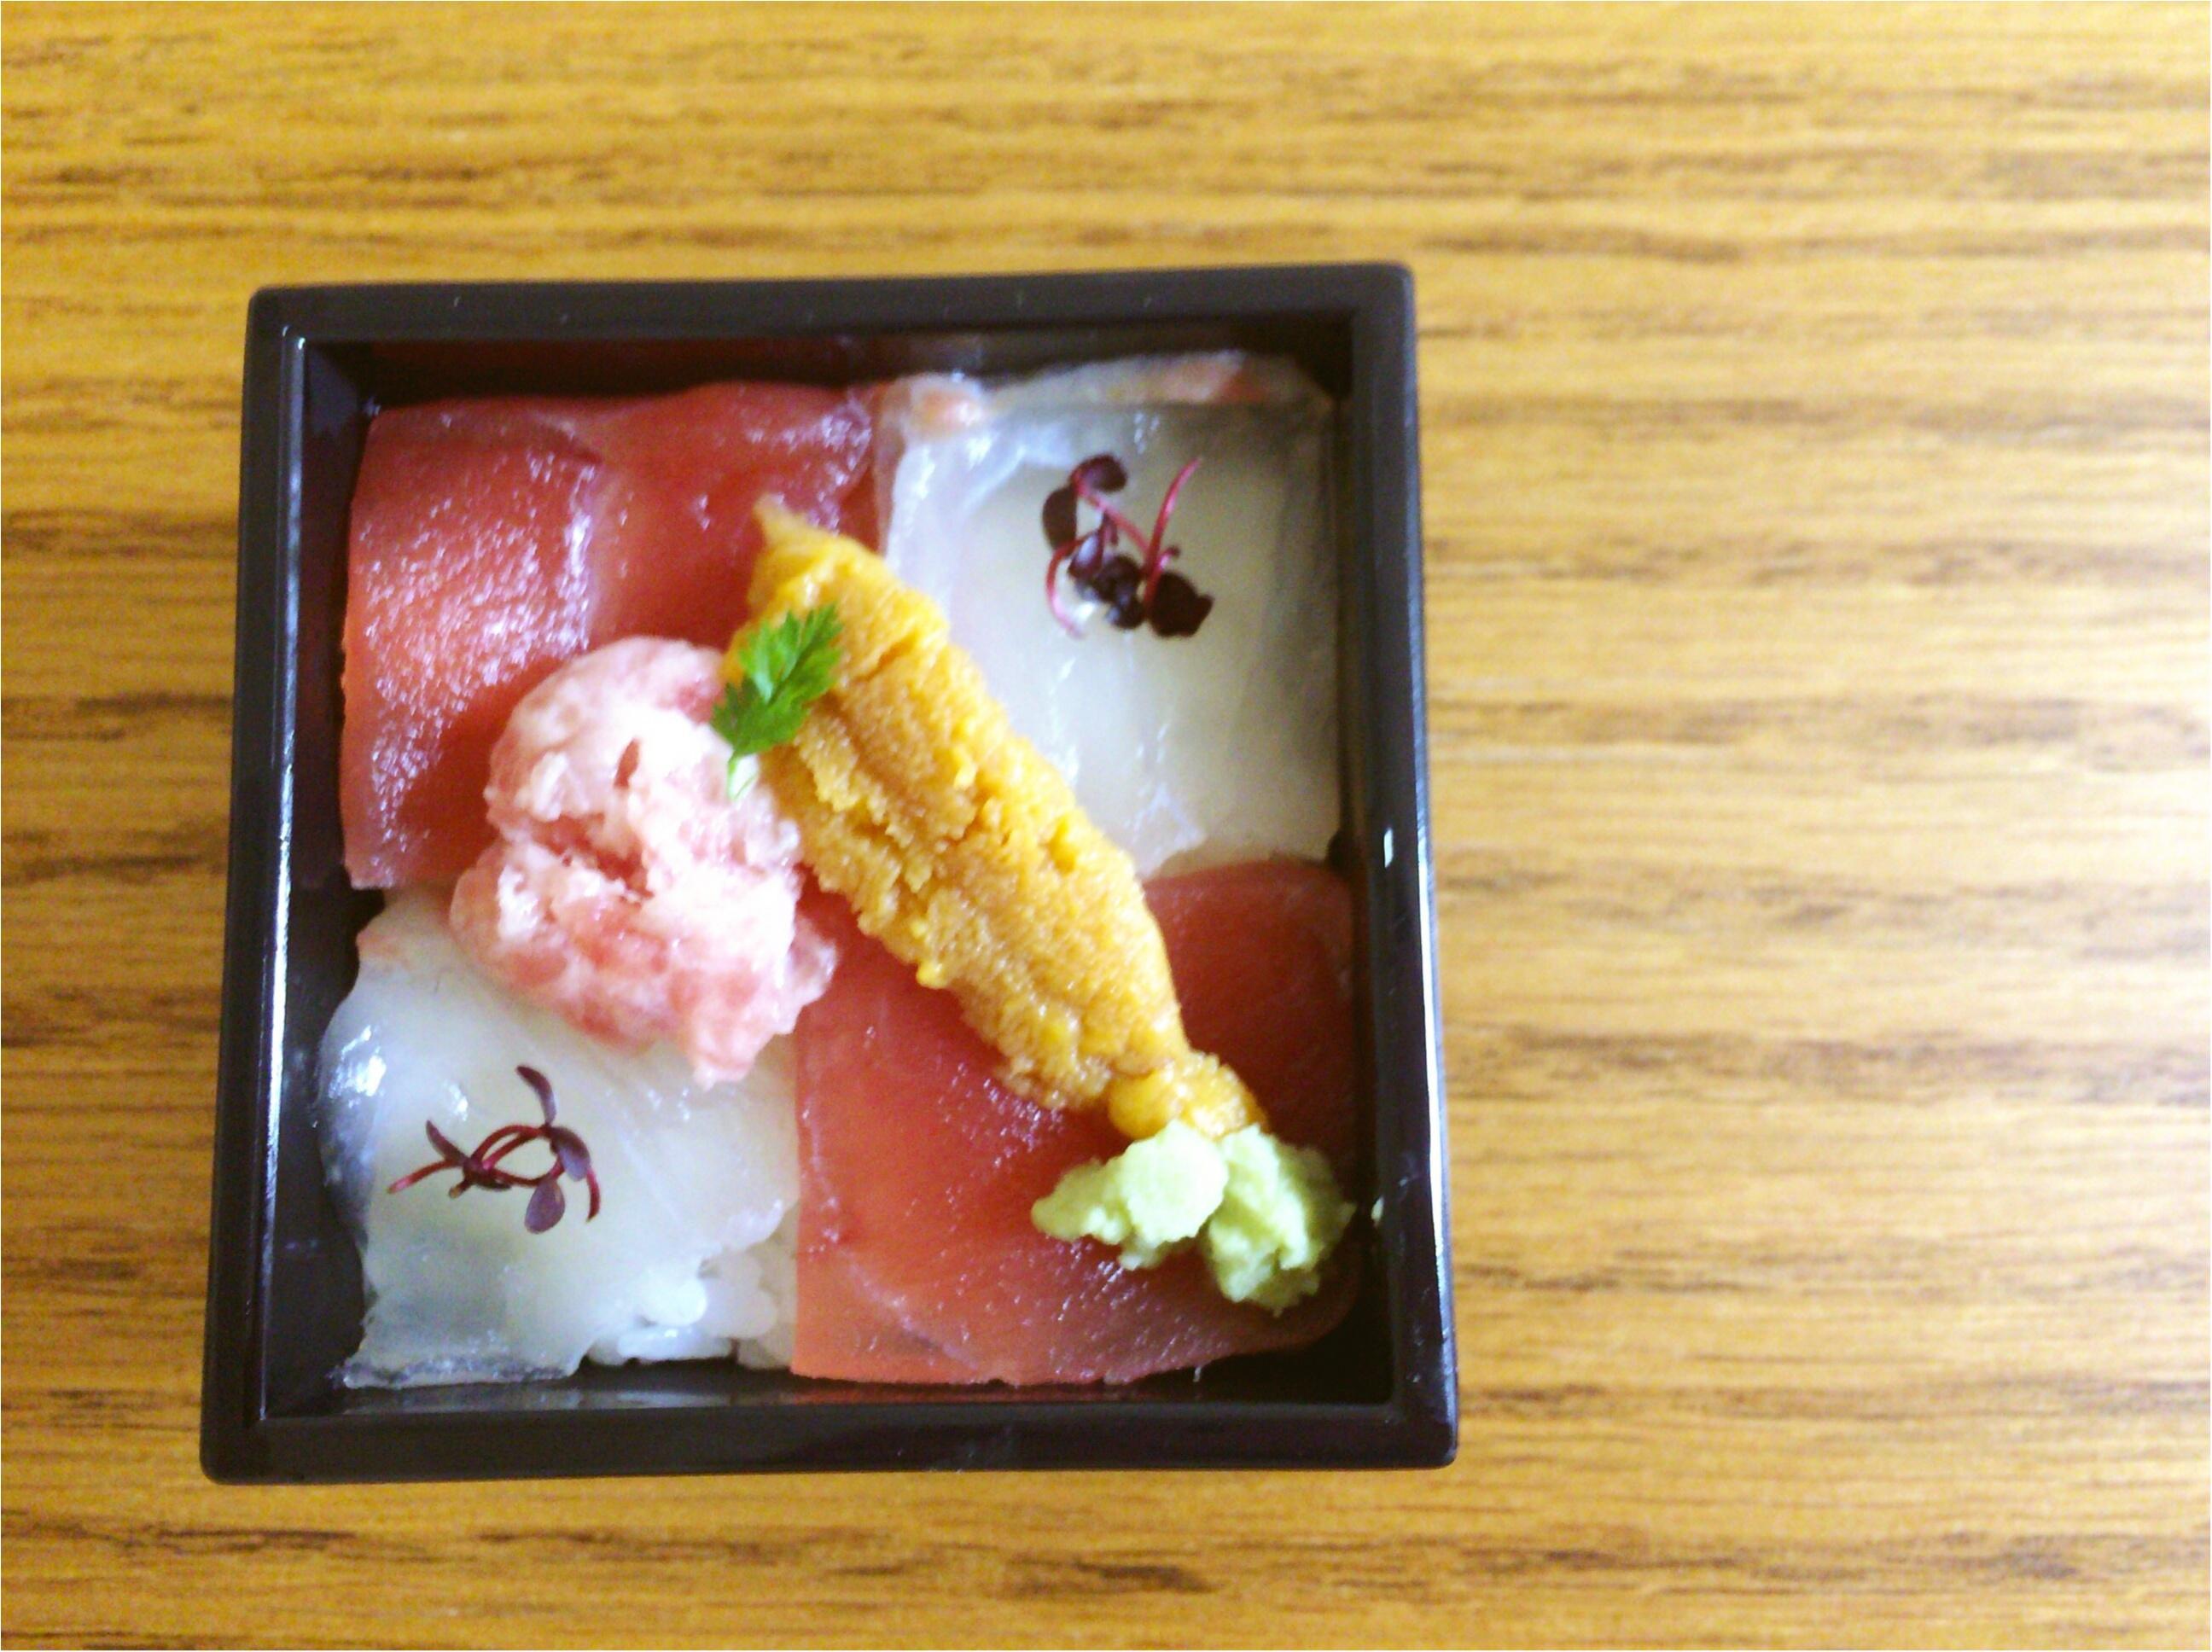 東京駅で買える【築地の寿司】小ぶり♡可愛い『一合一会』駅弁シリーズは新幹線のお供にGood◎_3